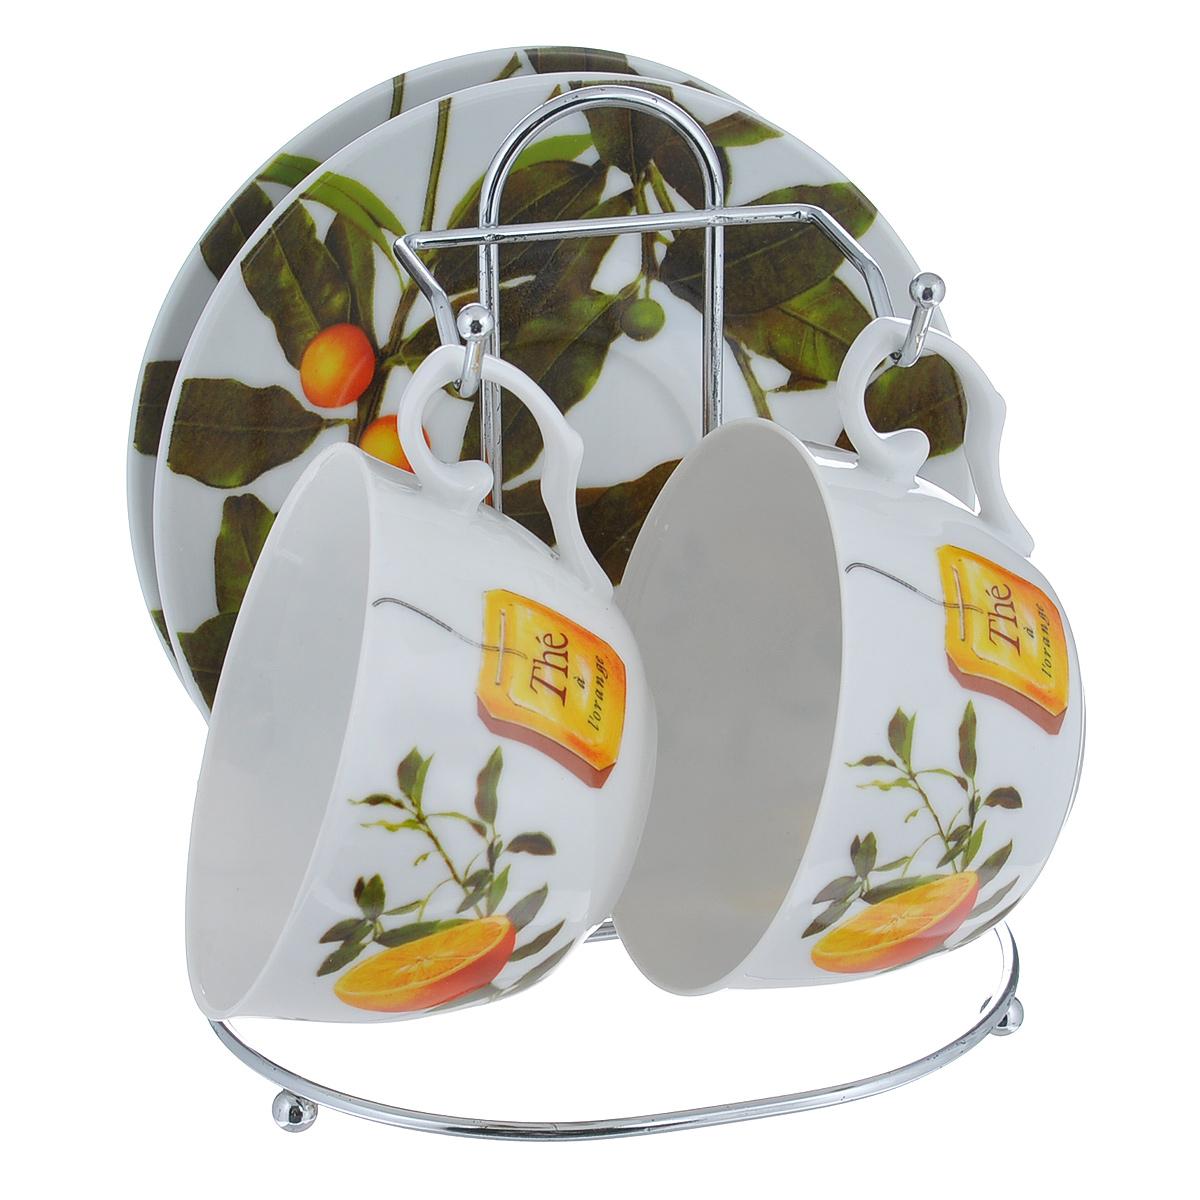 Набор чайный Larange Апельсин, 5 предметов21395599Чайный набор Апельсин состоит из двух чашек и двух блюдец. Предметы набора изготовлены из высококачественного фарфора и оформлены изображением апельсинов. Чашки и блюдца располагаются на удобной металлической подставке. Элегантный дизайн чайного набора придется по вкусу и ценителям классики, и тем, кто предпочитает утонченность и изысканность. Он настроит на позитивный лад и подарит хорошее настроение с самого утра.Не использовать в микроволновой печи. Не применять абразивные чистящие средства. Объем чашки: 250 мл.Диаметр чашки по верхнему краю: 9,5 см.Высота чашки: 6 см.Диаметр блюдца: 14,5 см.Размер подставки: 14 см х 12 см х 16 см.